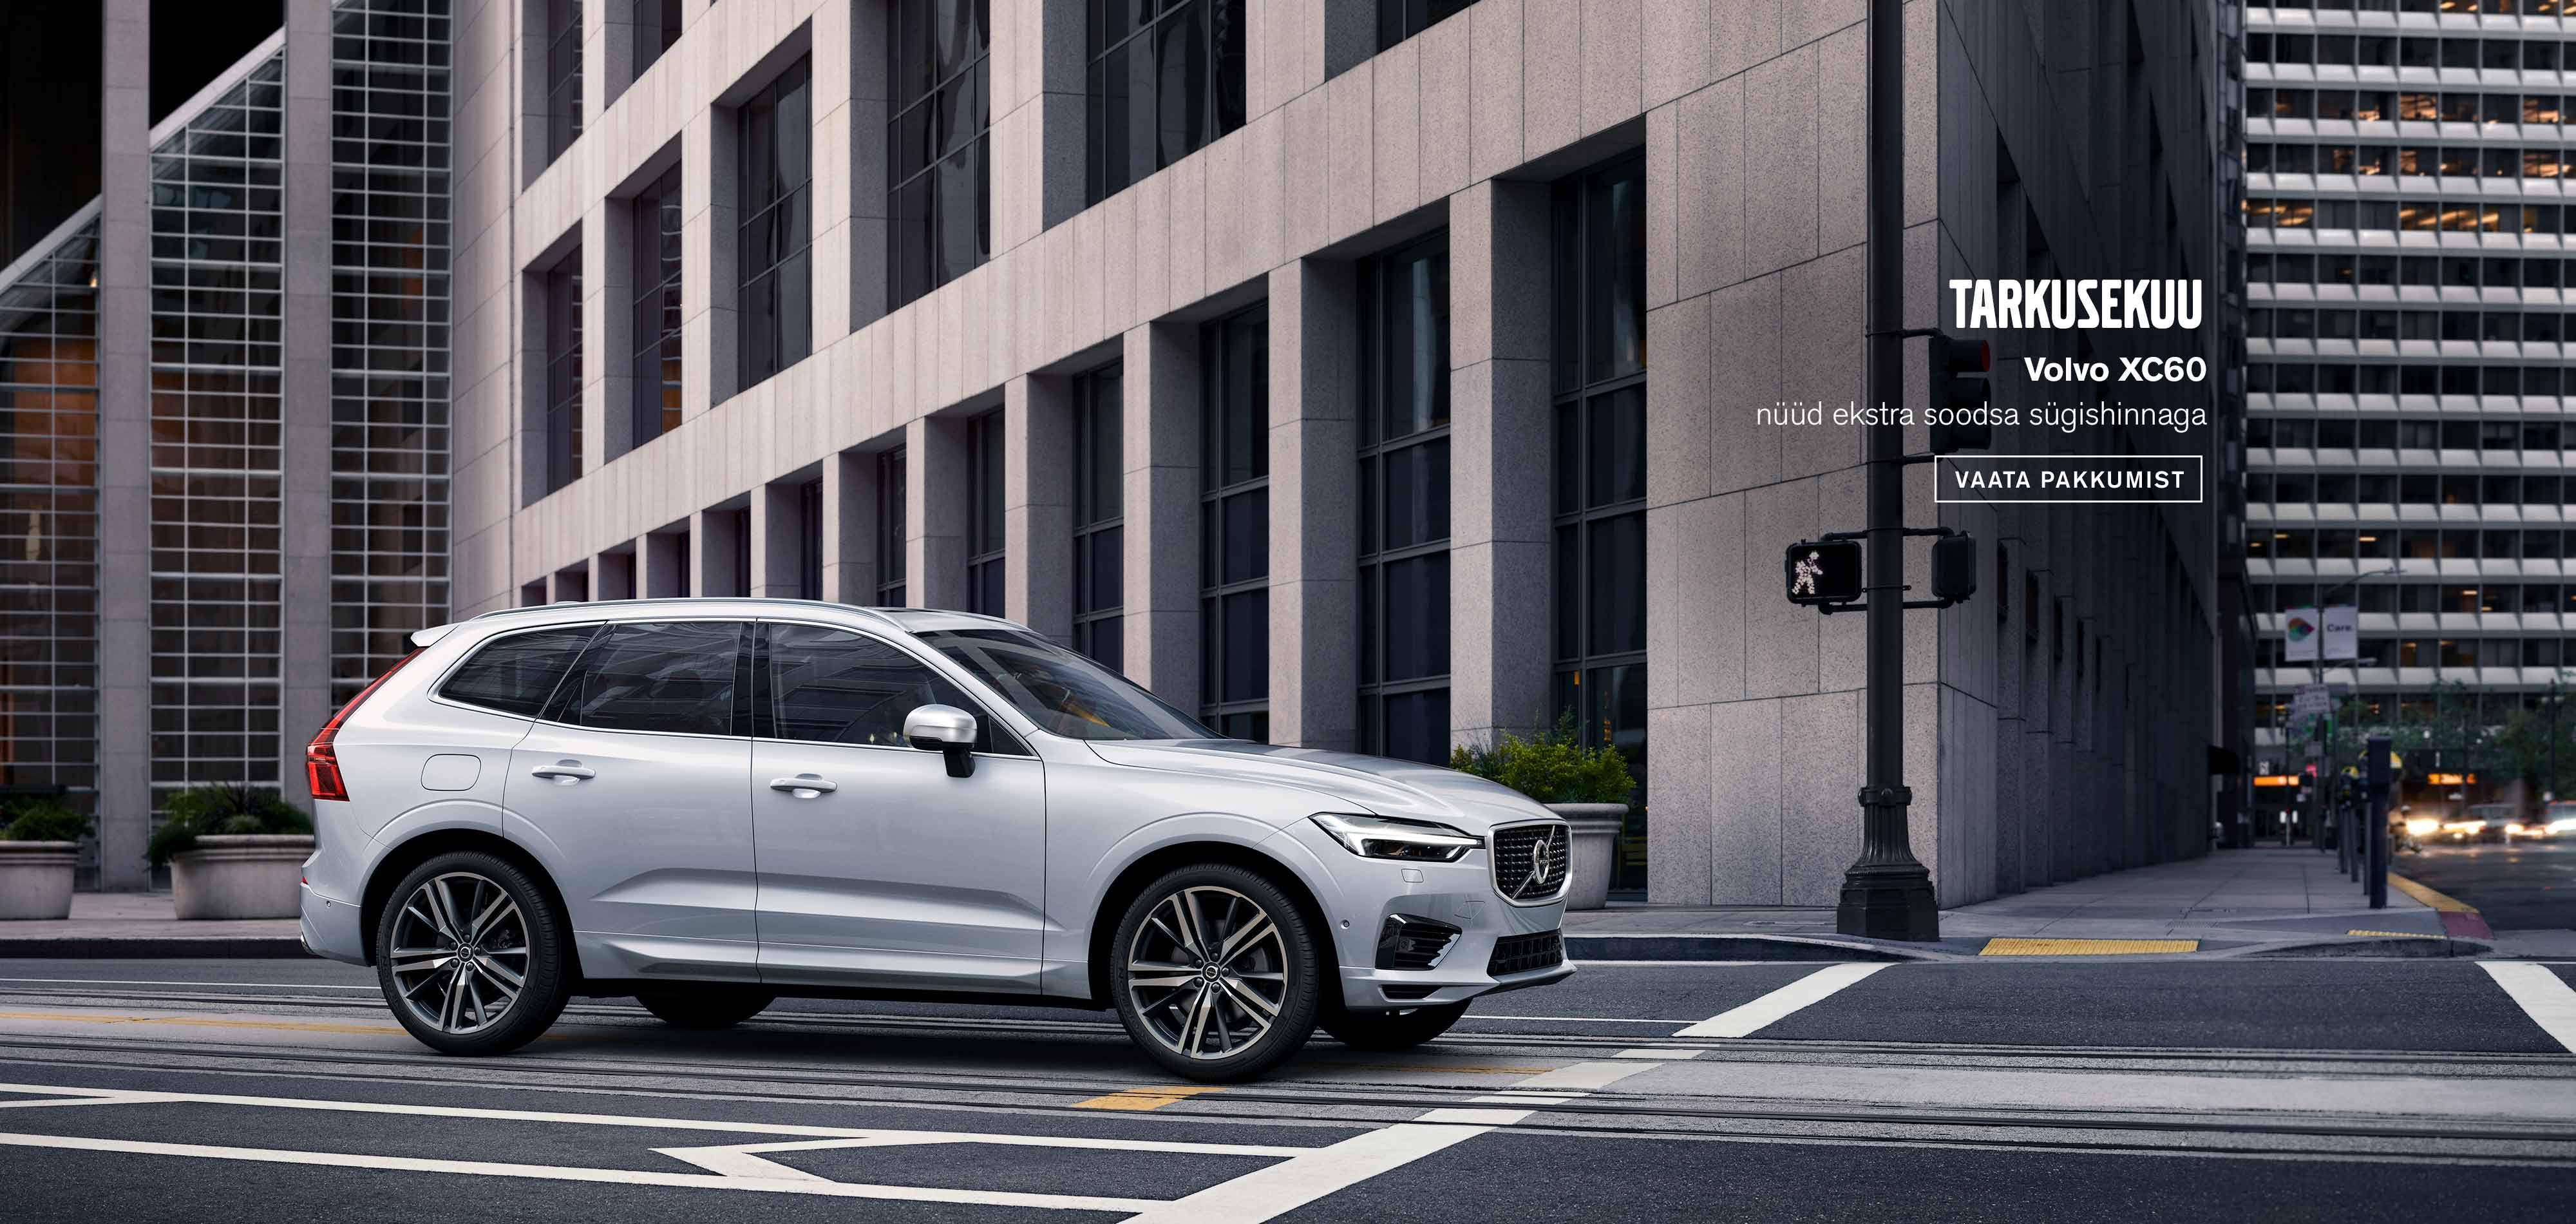 Sommartider - Volvo XC60